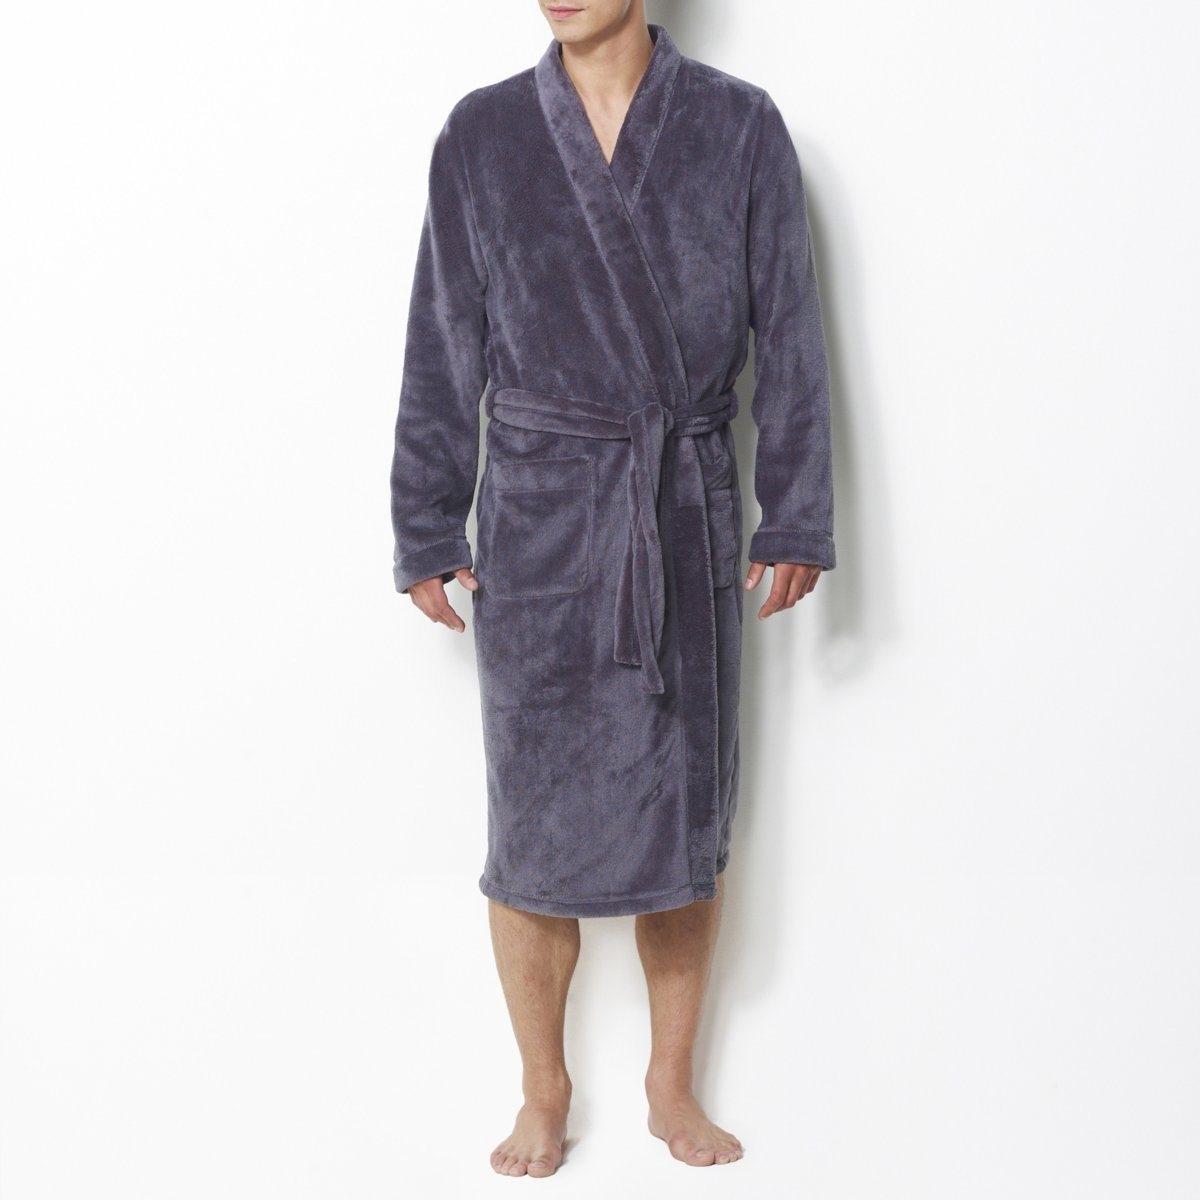 Халат, длина 120 смХалат домашний, ультрамягкий флис, 100% полиэстера . Воротник-кимоно . 2 кармана спереди . Пояс с завязками в шлевках . Длина. 120 см : ниже колен  .   . . . . : .<br><br>Цвет: синий морской<br>Размер: XL.XXL.3XL